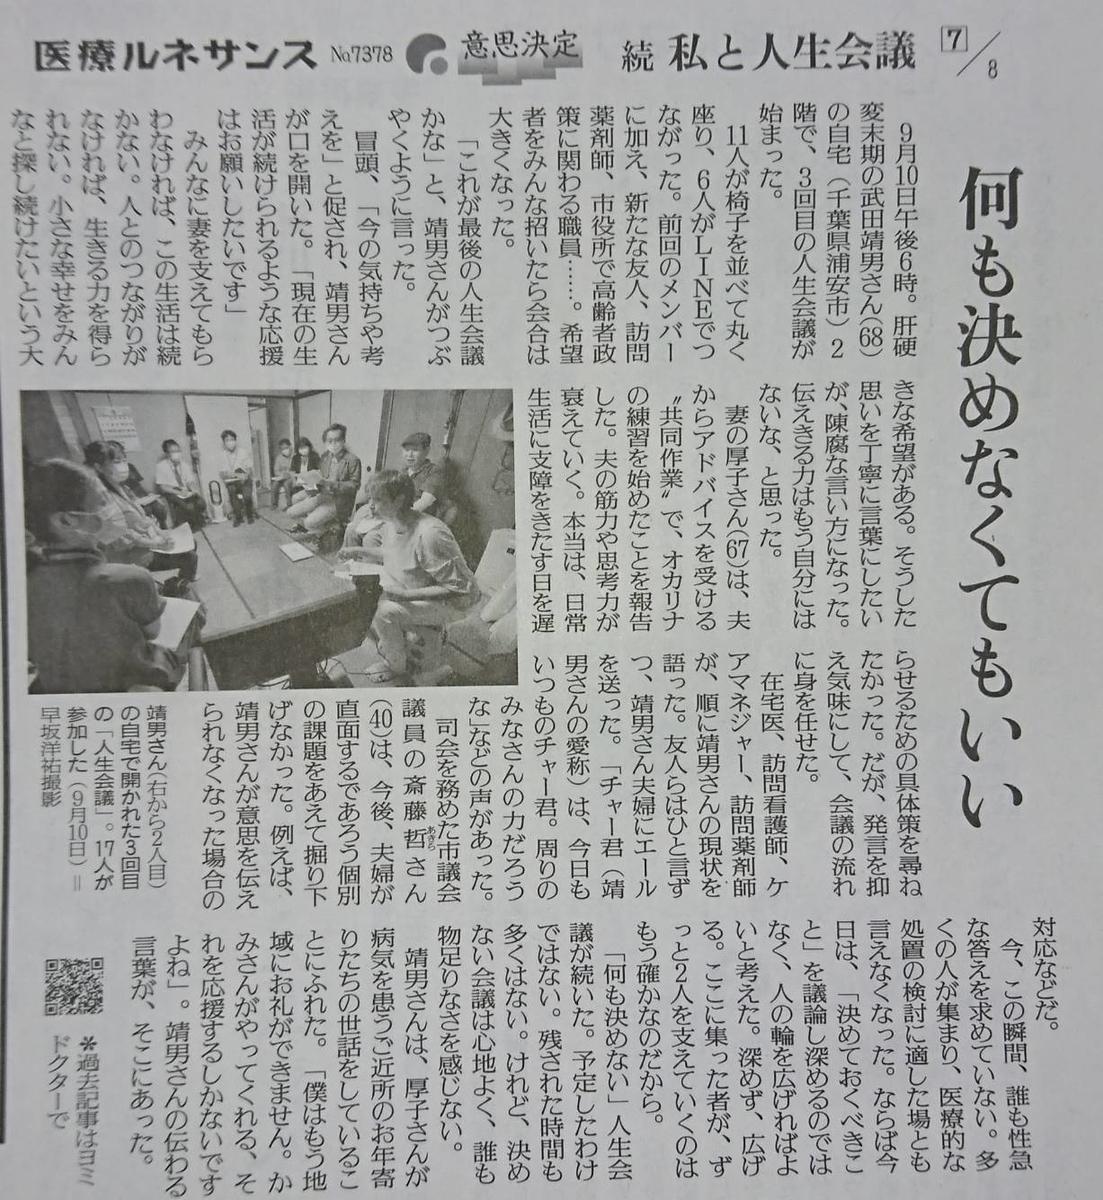 f:id:kazura-kobayashi:20201002101356j:plain